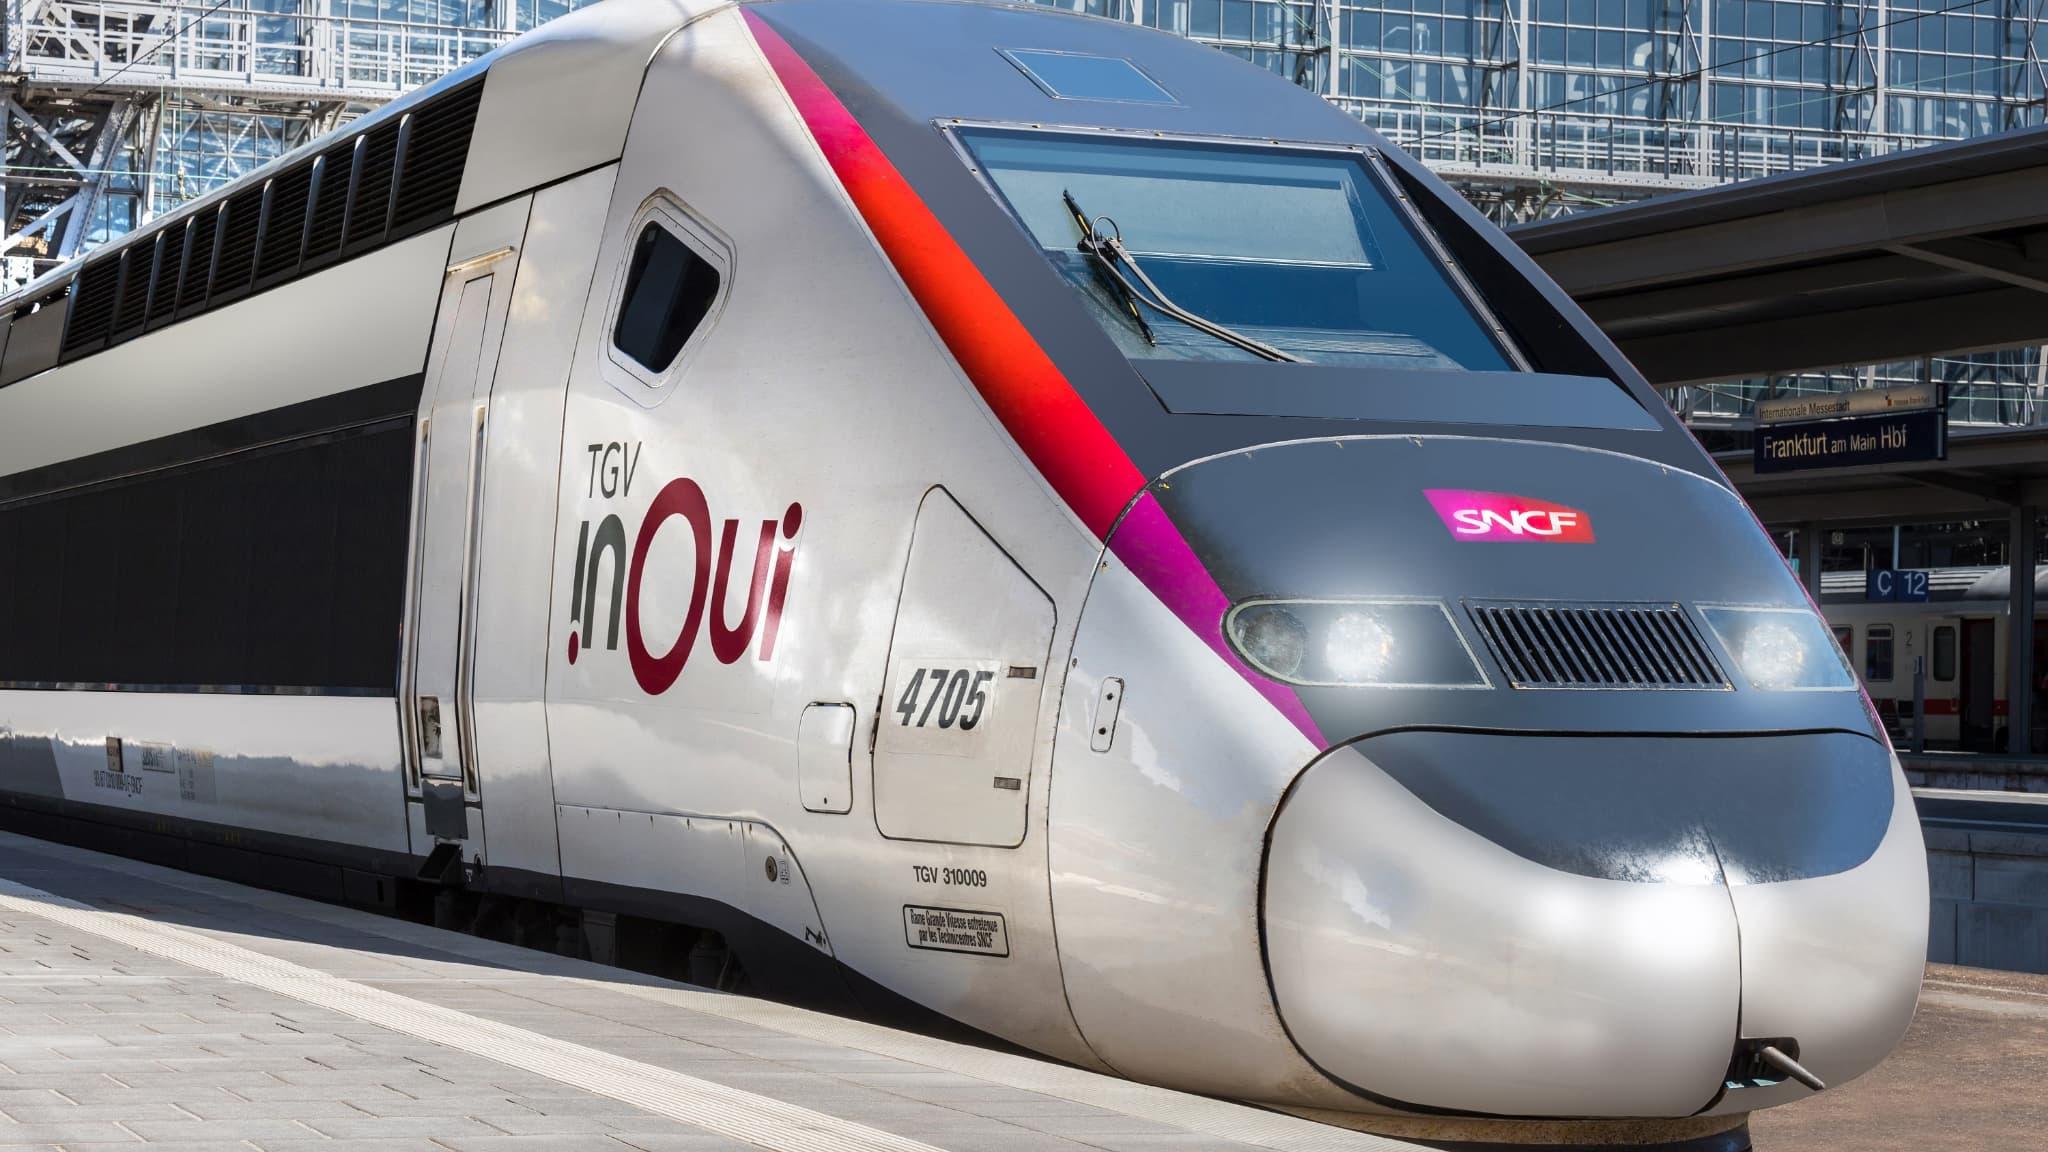 Les TGV pris d'assaut juste avant le confinement?